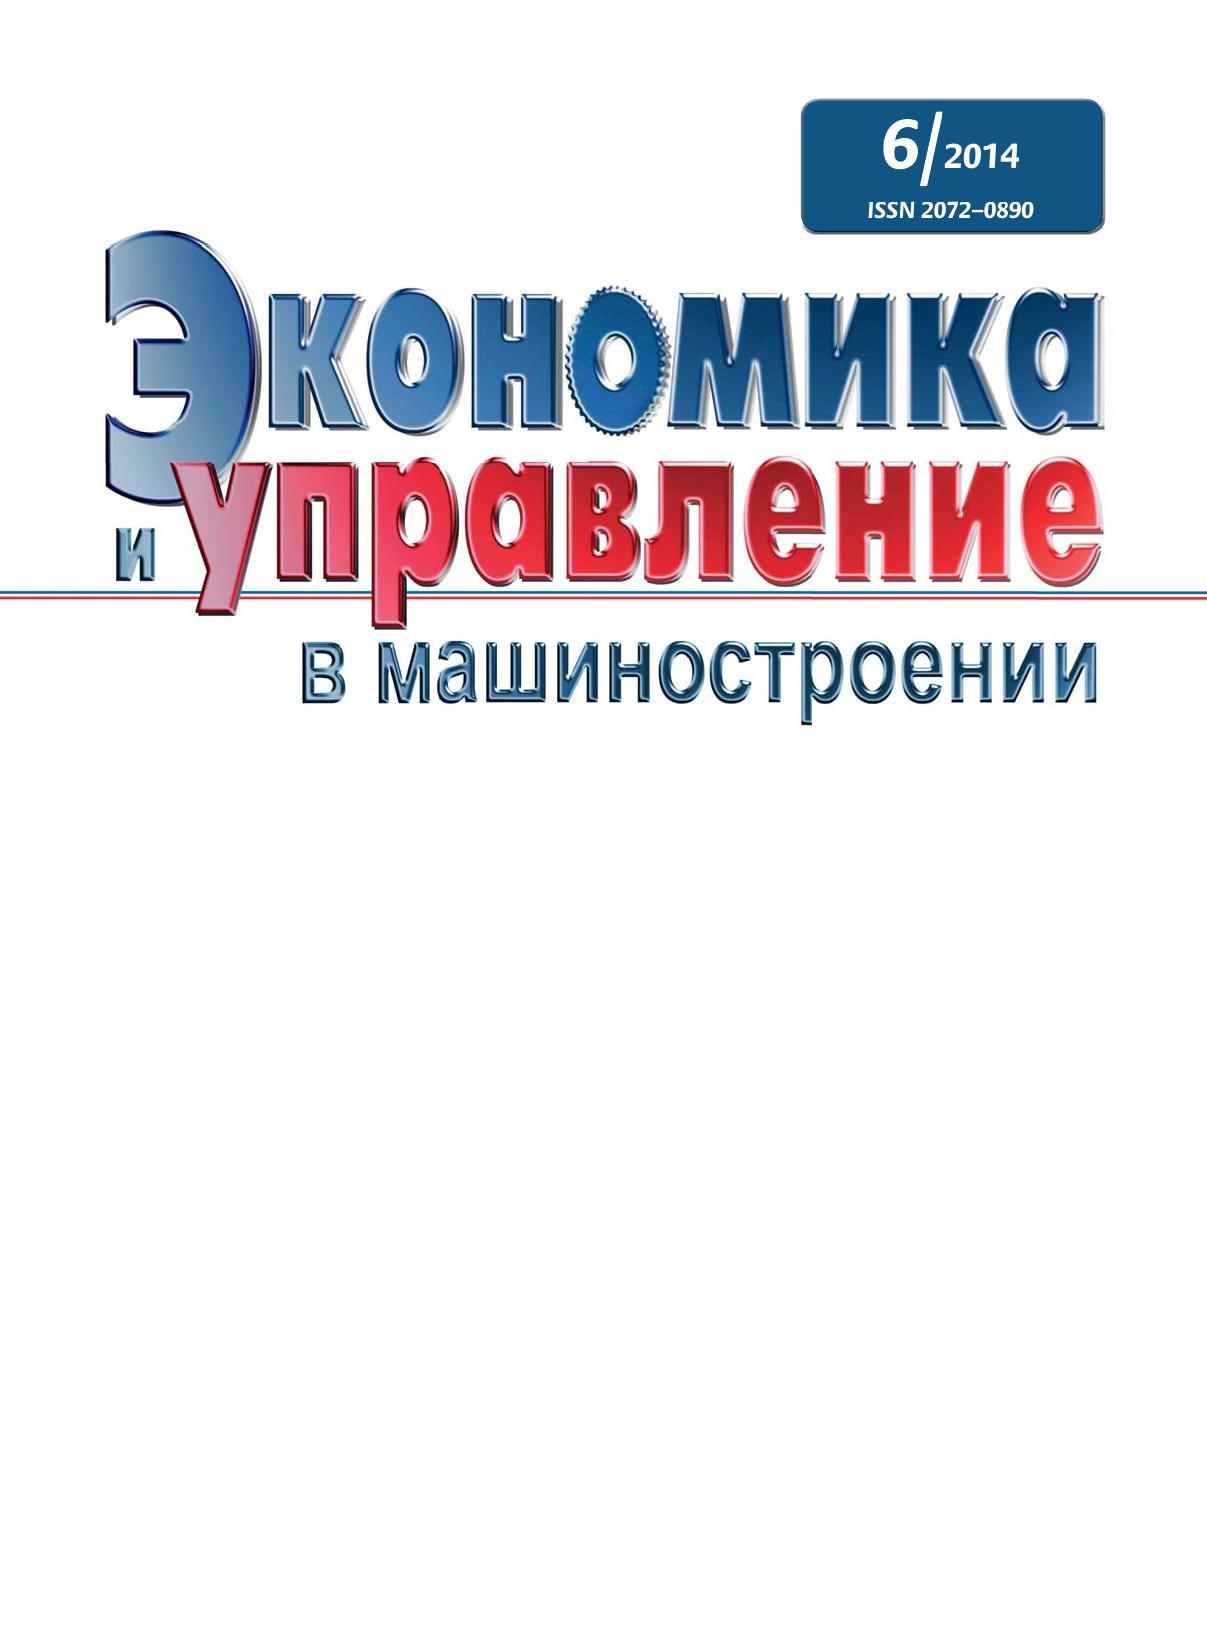 сборник Экономика и управление в машиностроении №6. Декабрь 2014 сборник экономика и управление в машиностроении 6 декабрь 2014